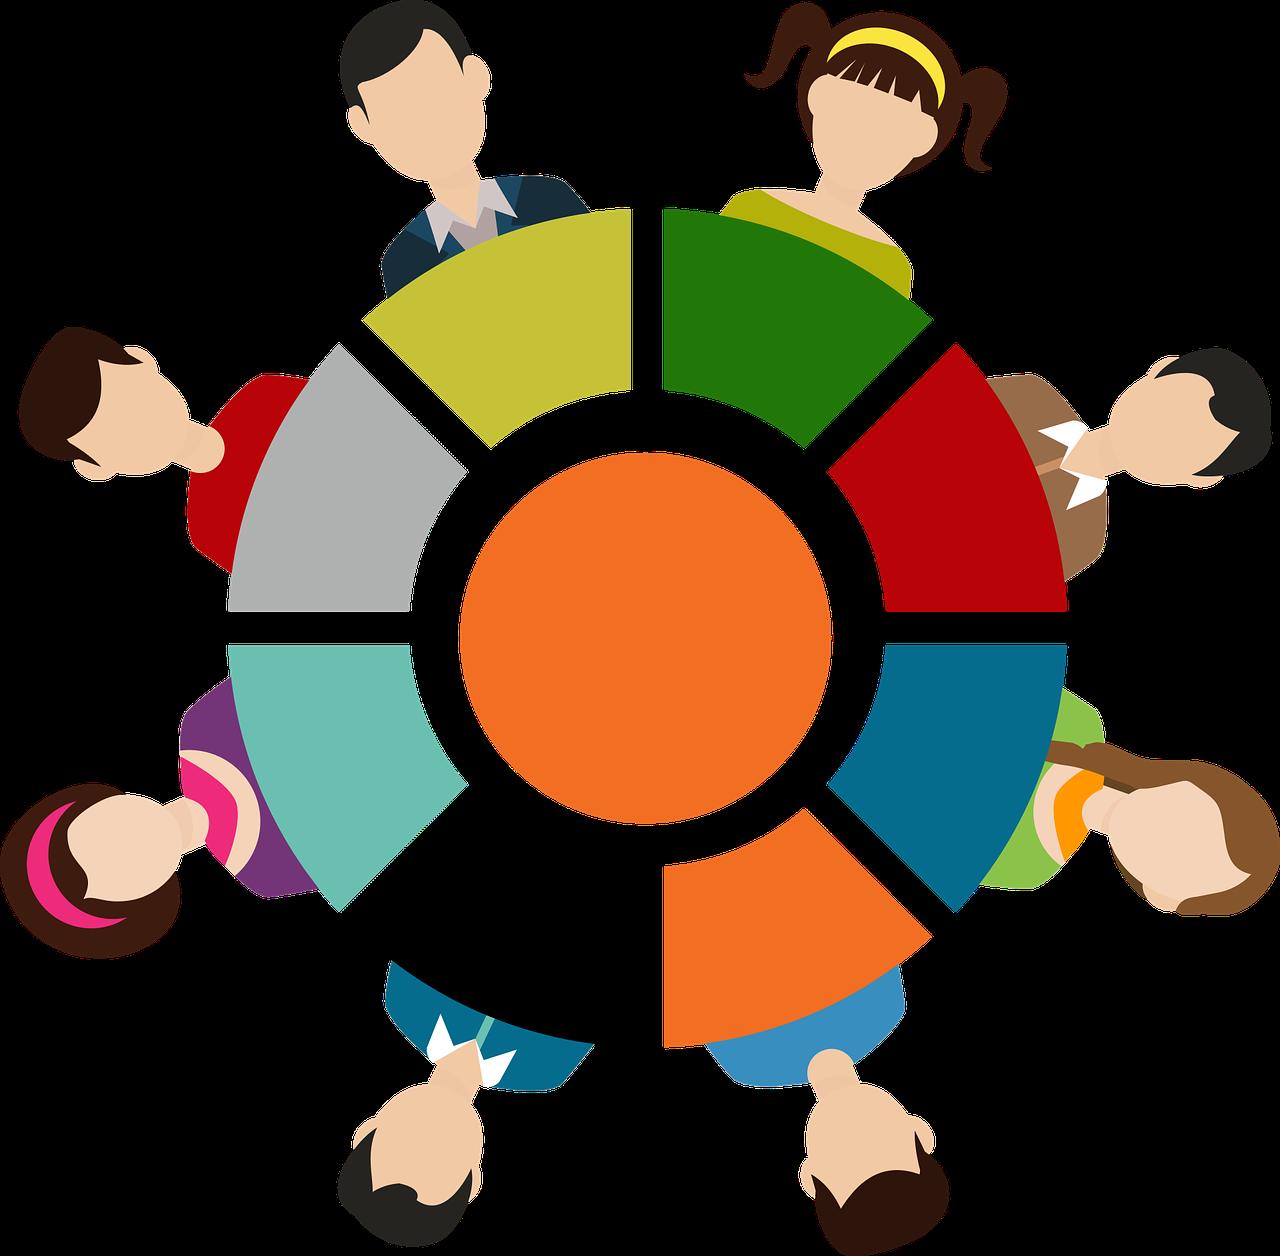 communaute-cercle-couleurs-Pixabay_3245739_1280.png#asset:1498